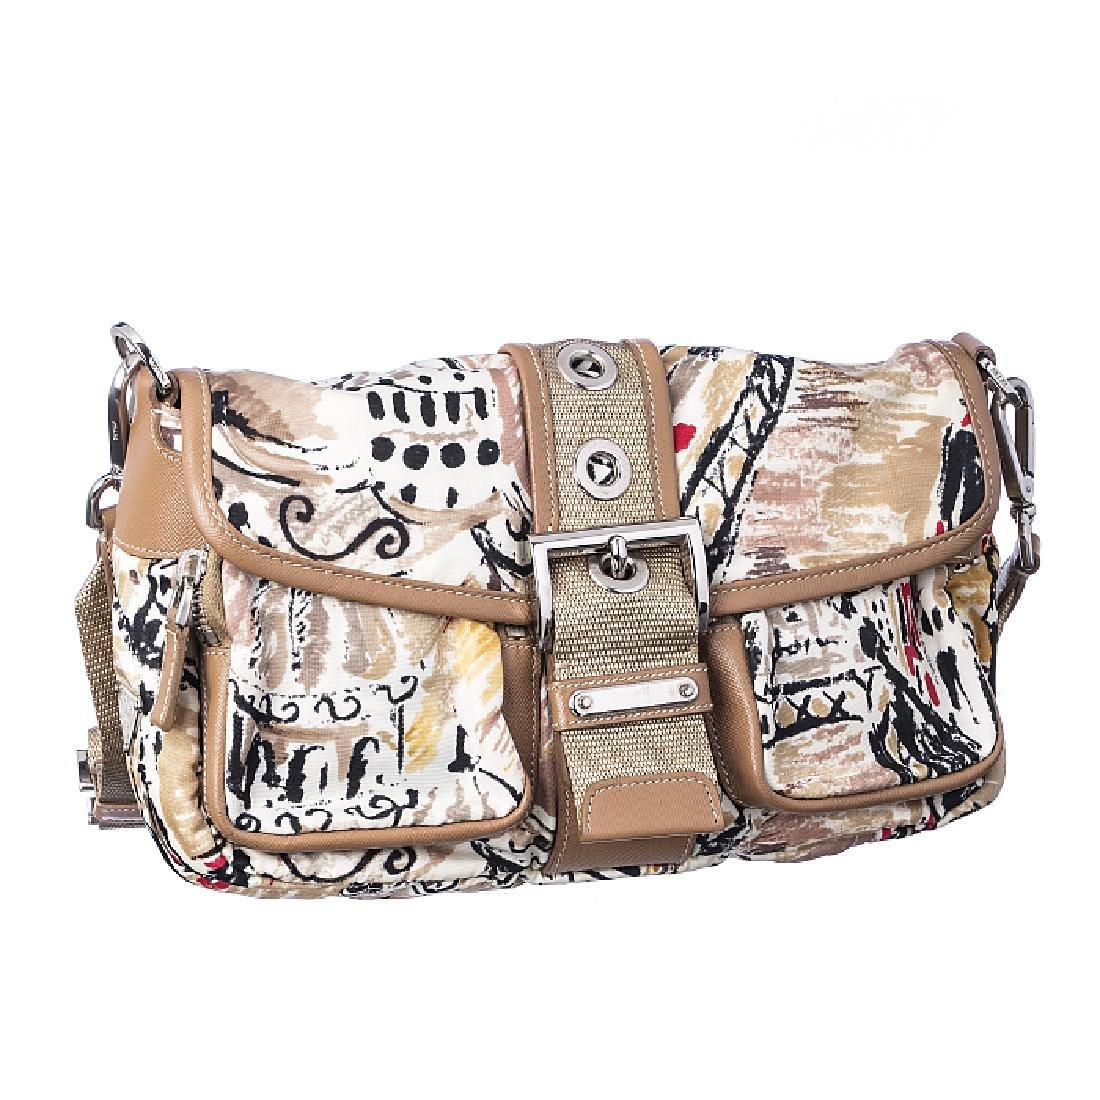 PRADA - Bag in fabric